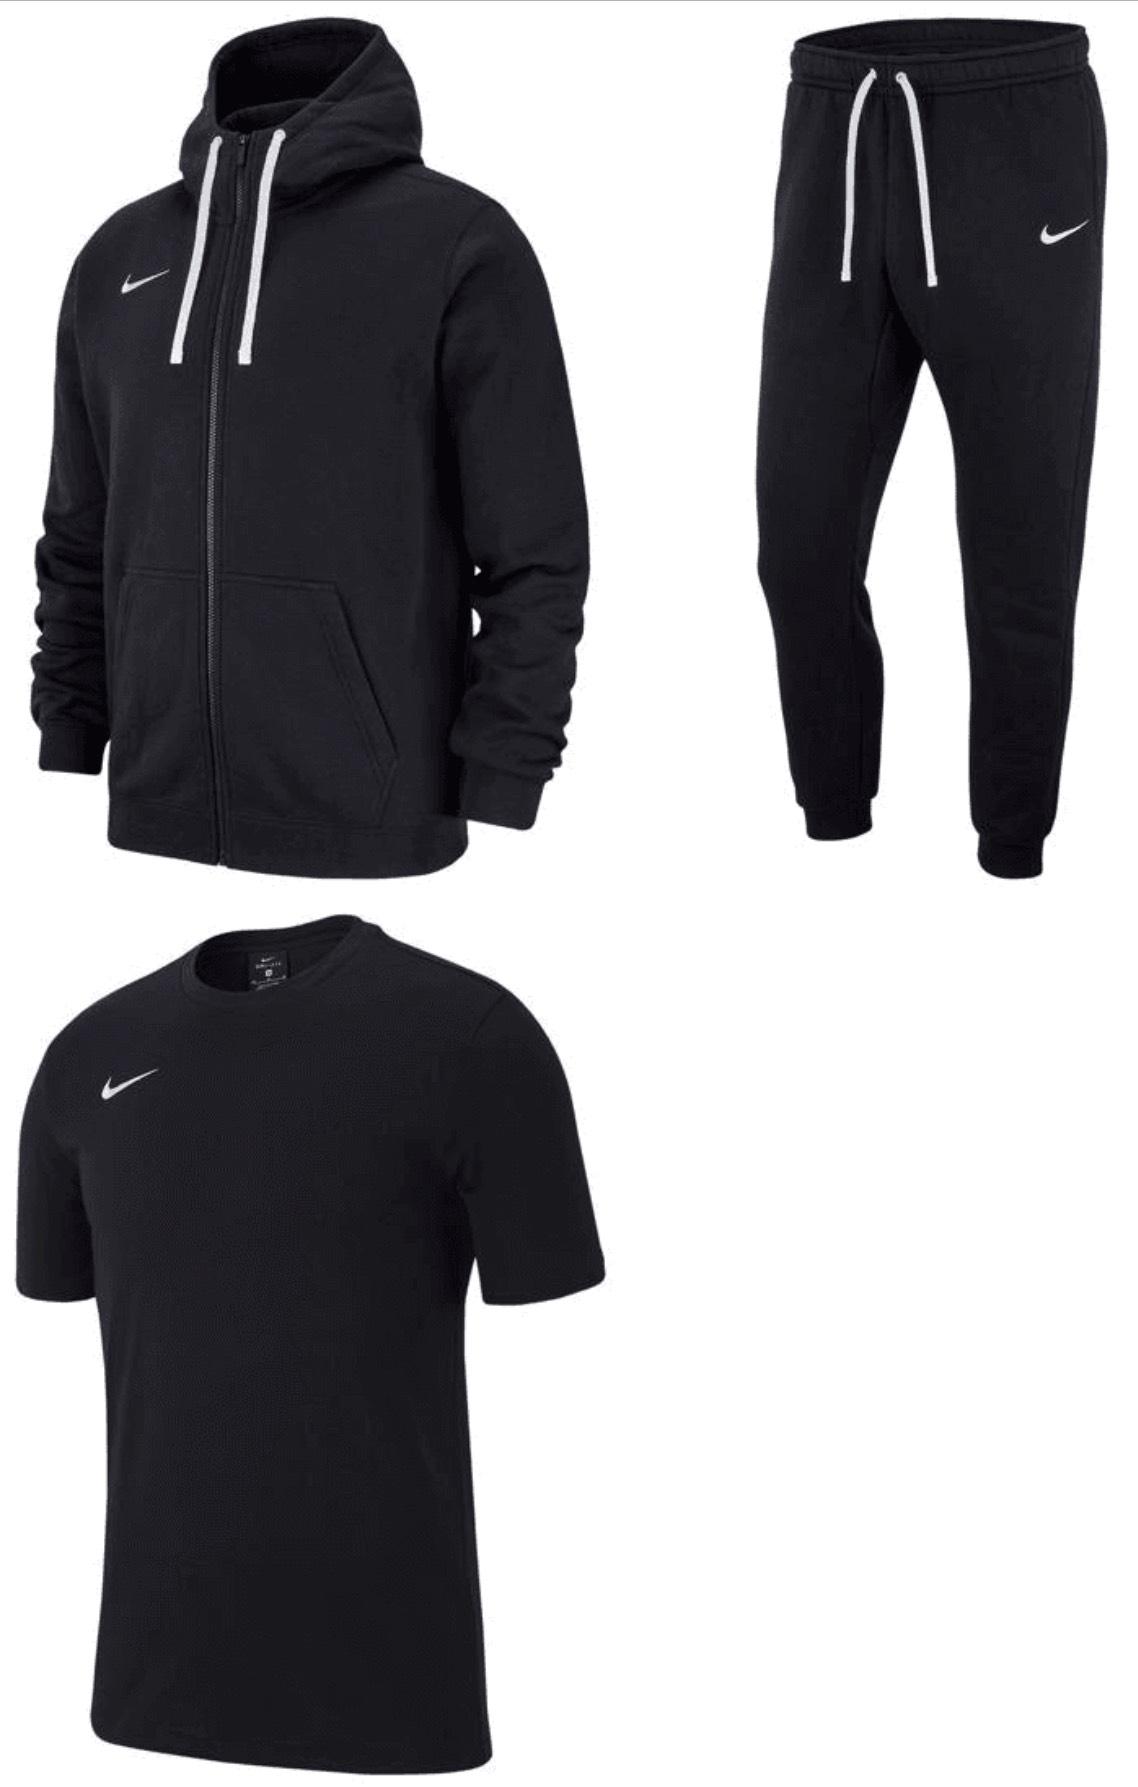 Nike Freizeitset Team Club 19 (3-teilig) versch. Farben um 58,42€